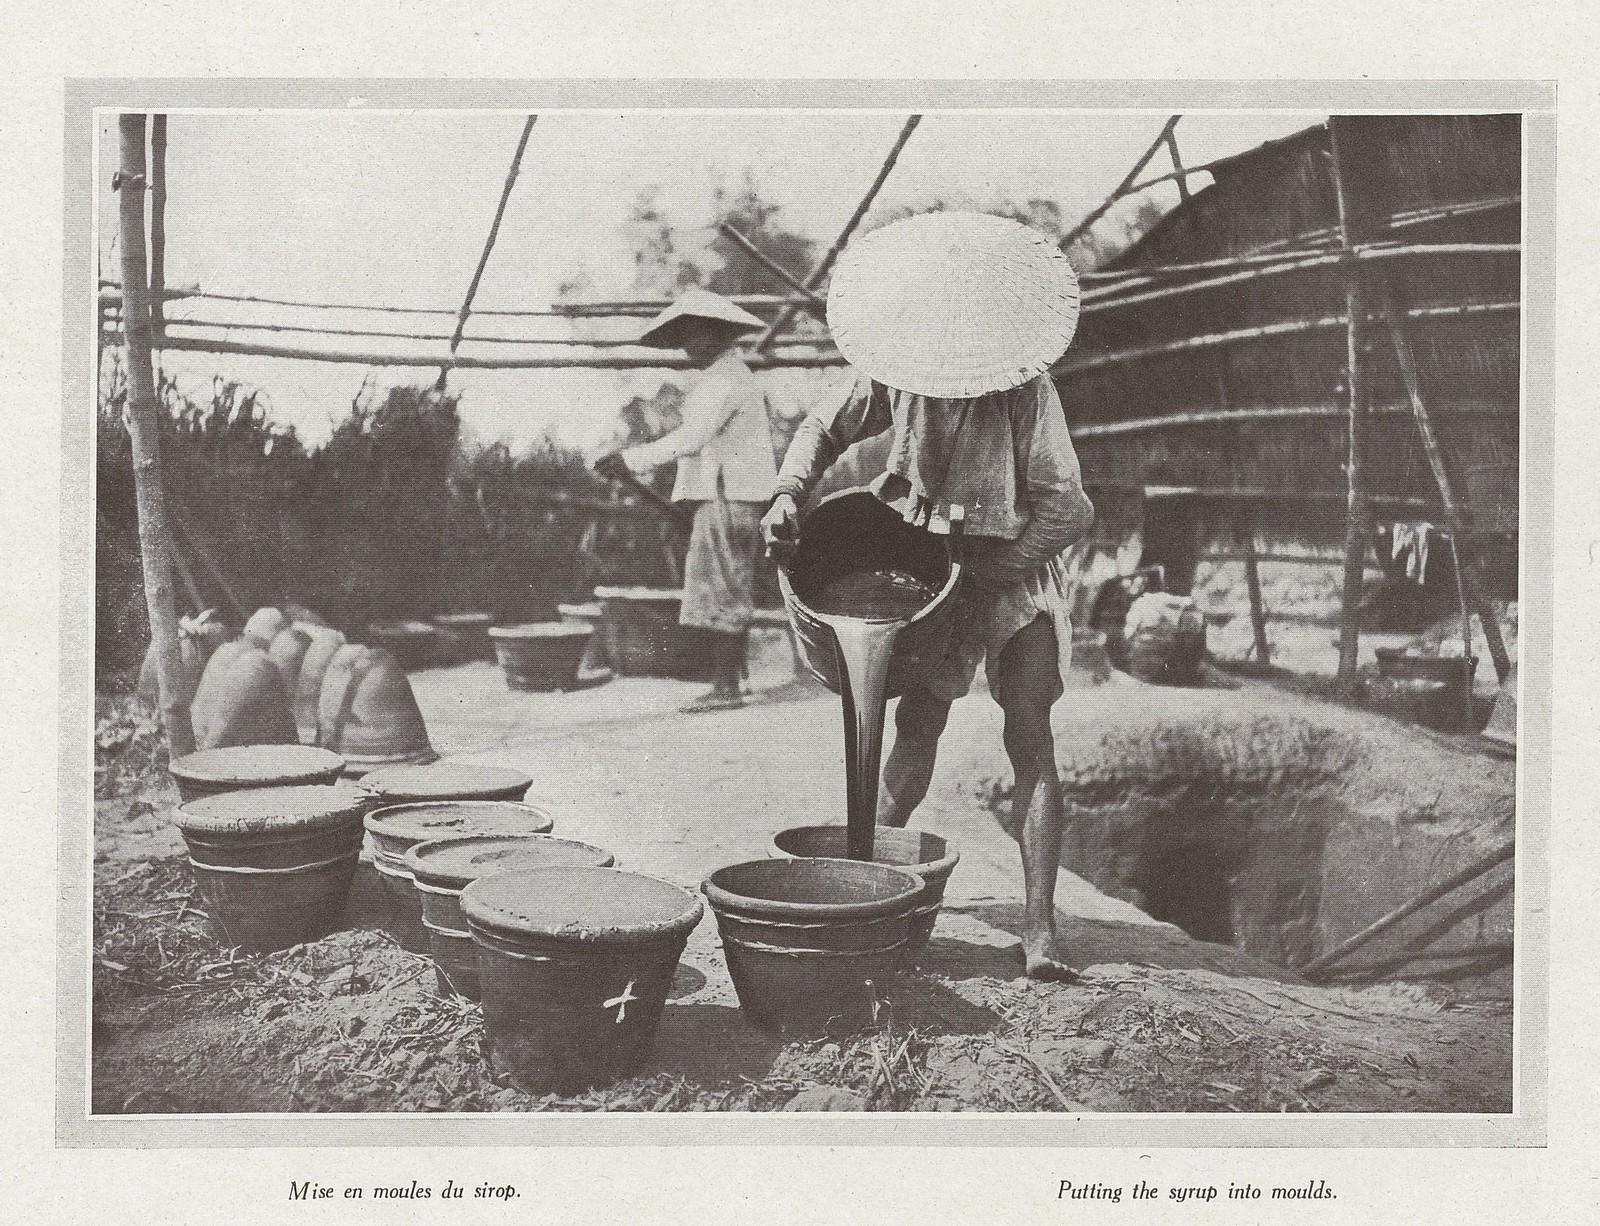 Chùm ảnh: Nghề làm mật mía ở Quảng Ngãi đầu thế kỷ 20